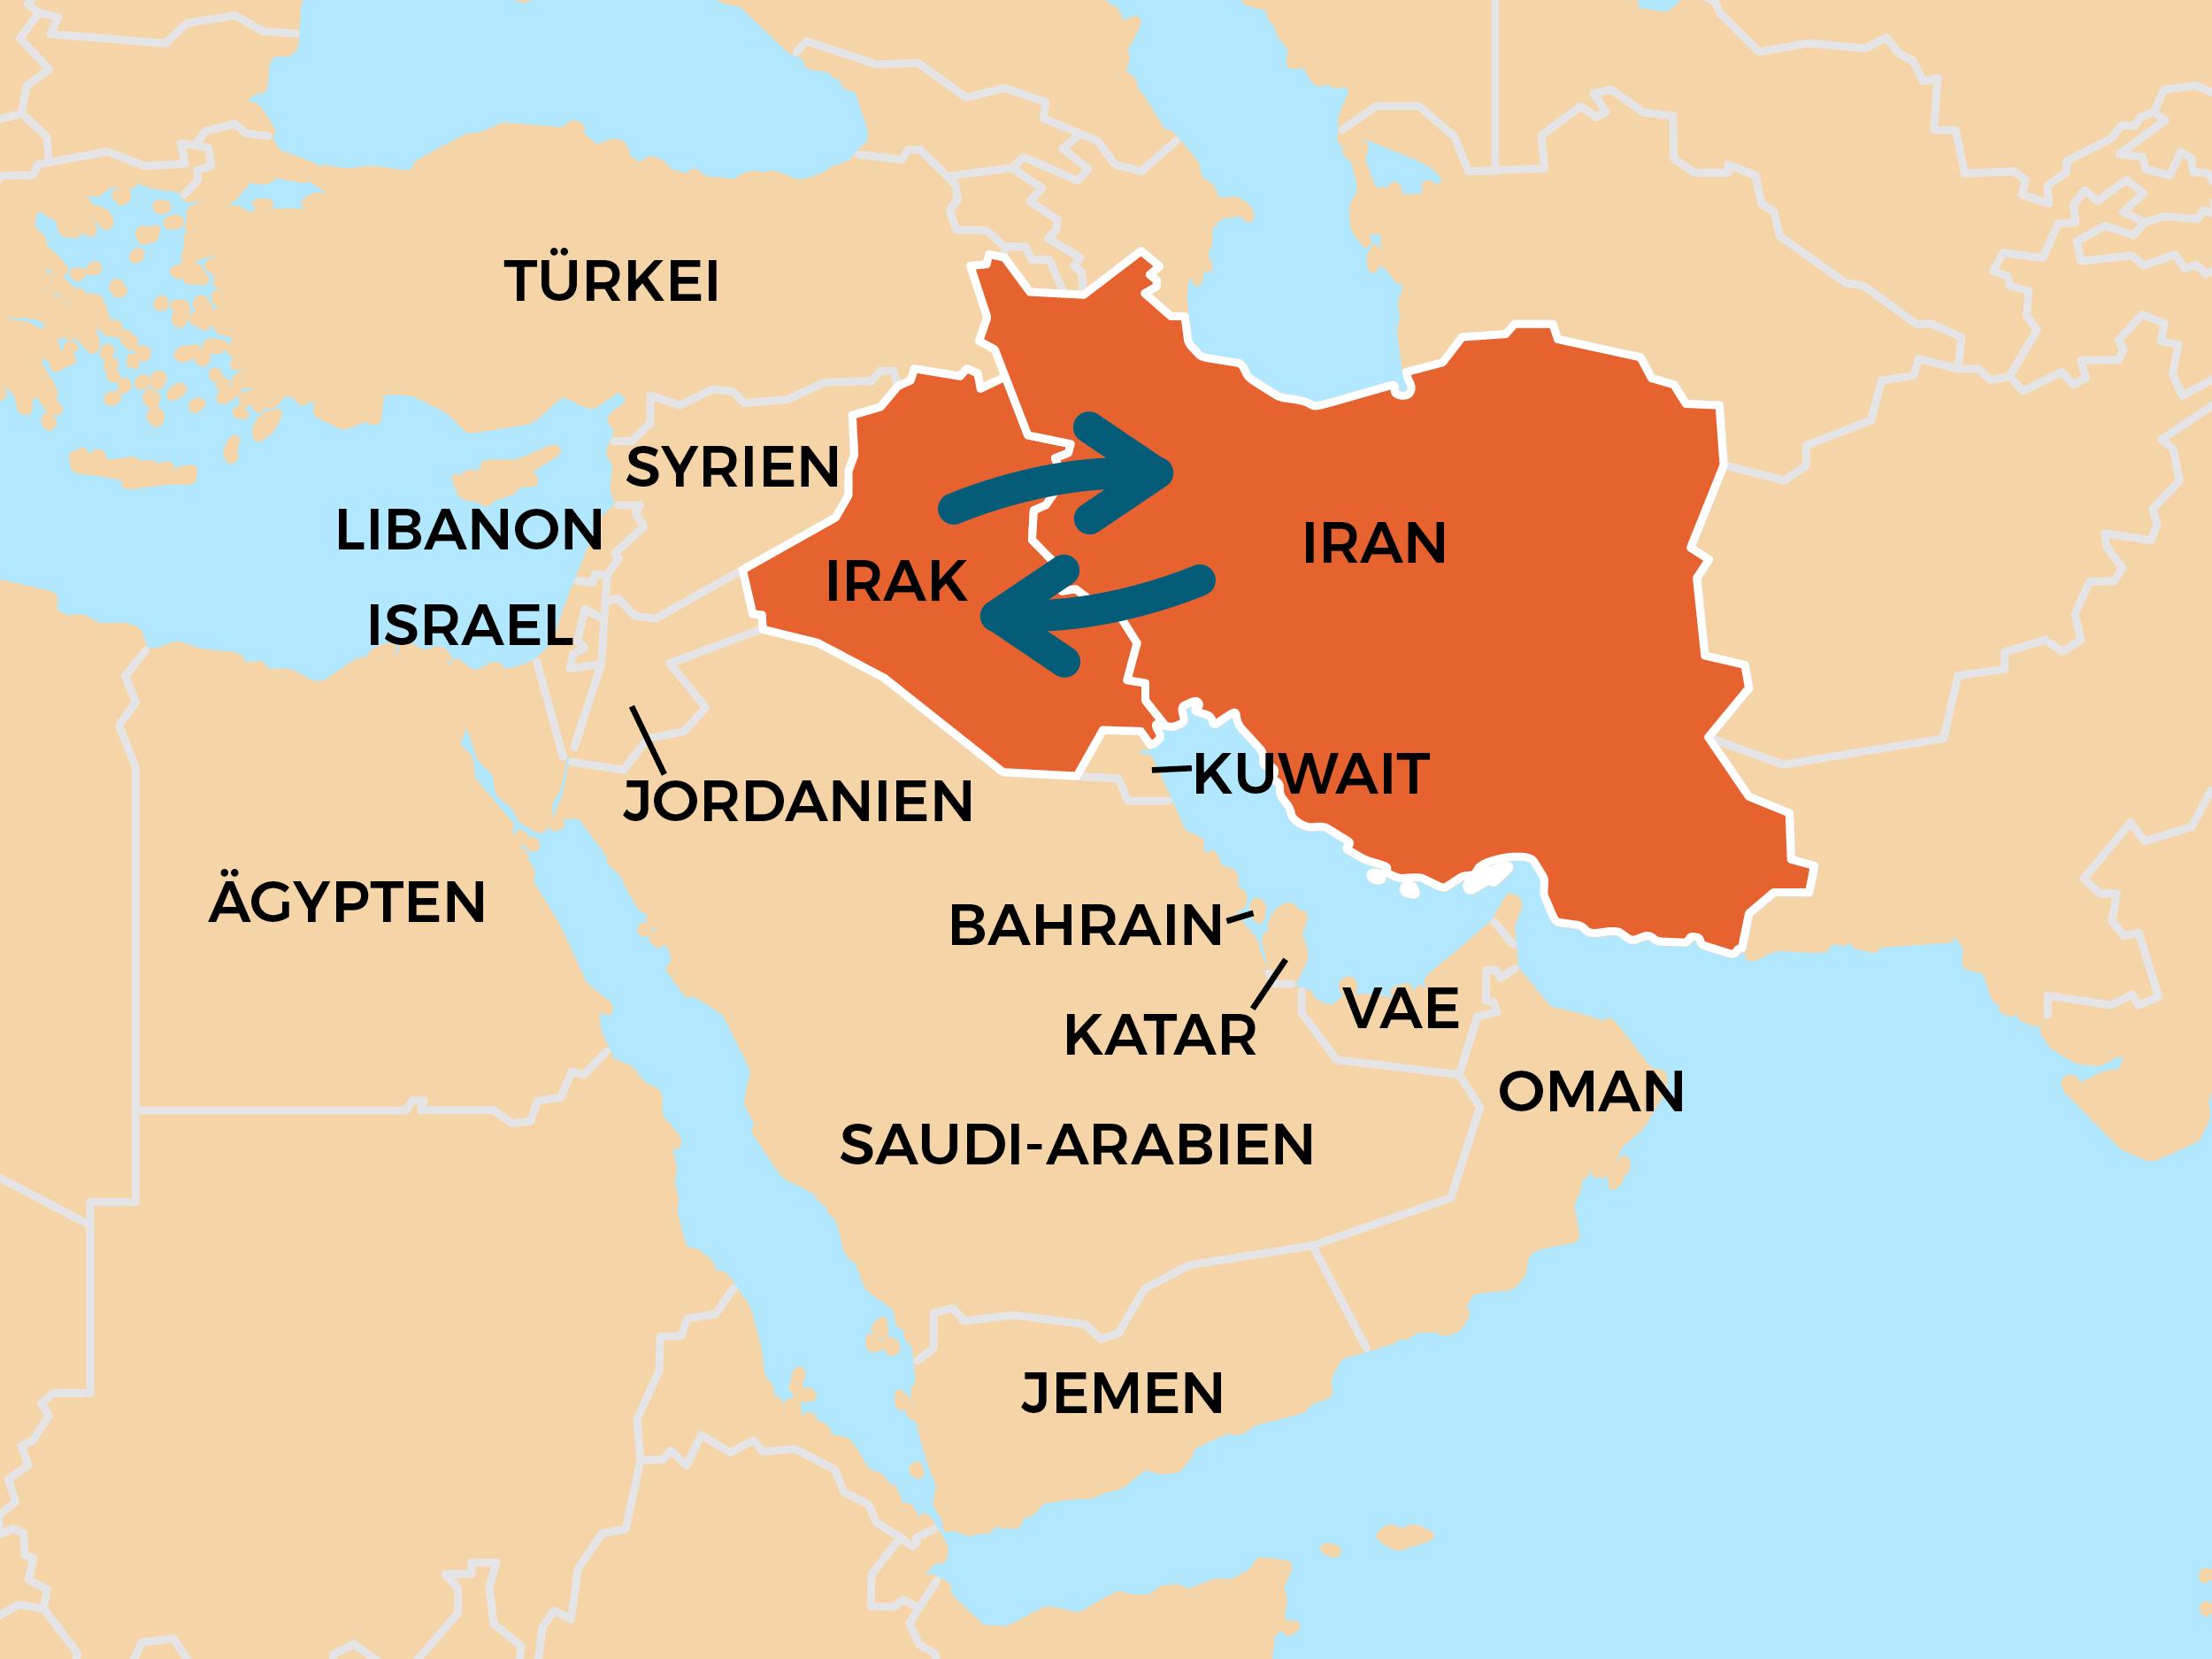 Zwischen Iran und Irak herrschte in den 1980er-Jahren der erste Golfkrieg. Noricum Waffen kamen auf beiden Seiten zum Einsatz.